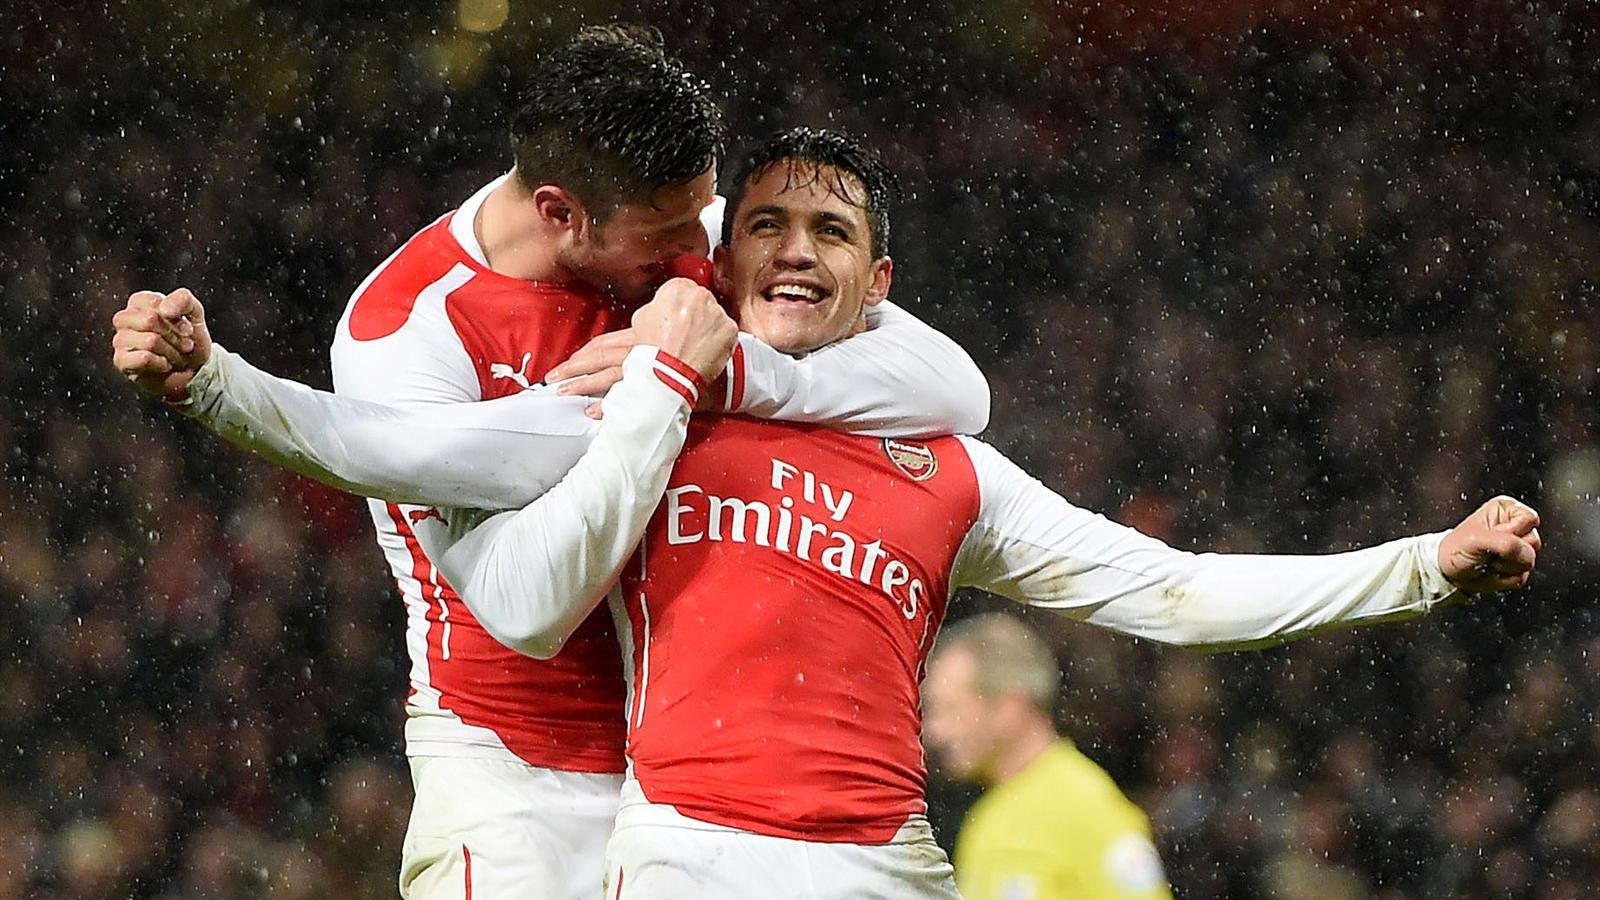 Alexis Sanchez (Arsenal).